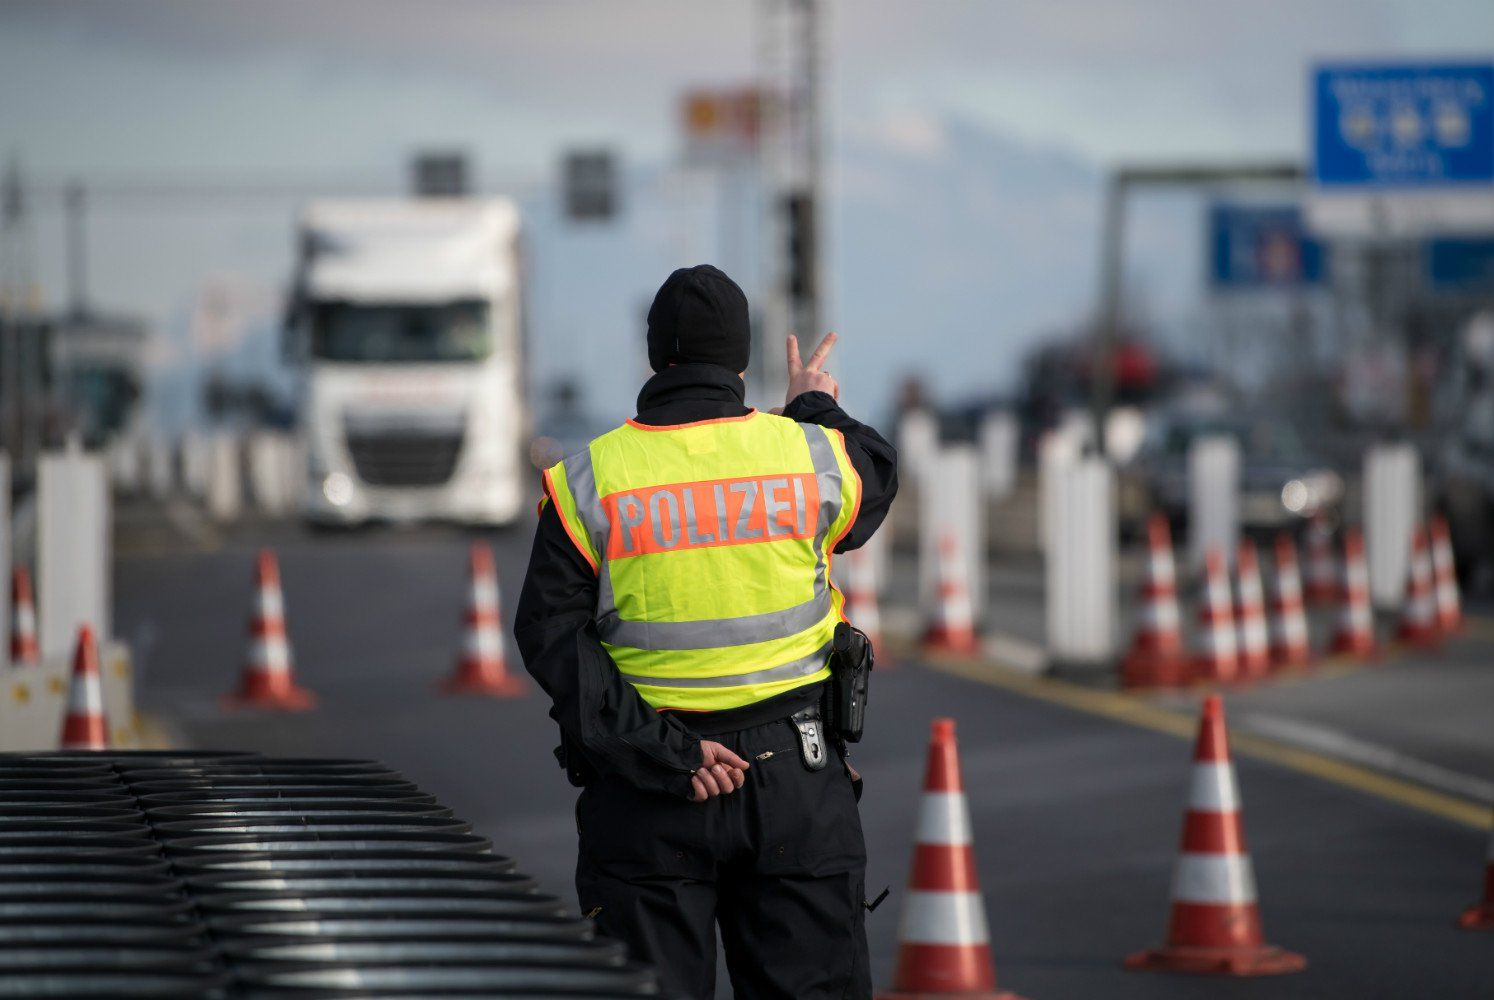 Ograniczenia przy przekraczaniu granicy przez Cudzoziemców – Kto obecnie ma prawo wjechać do Polski?